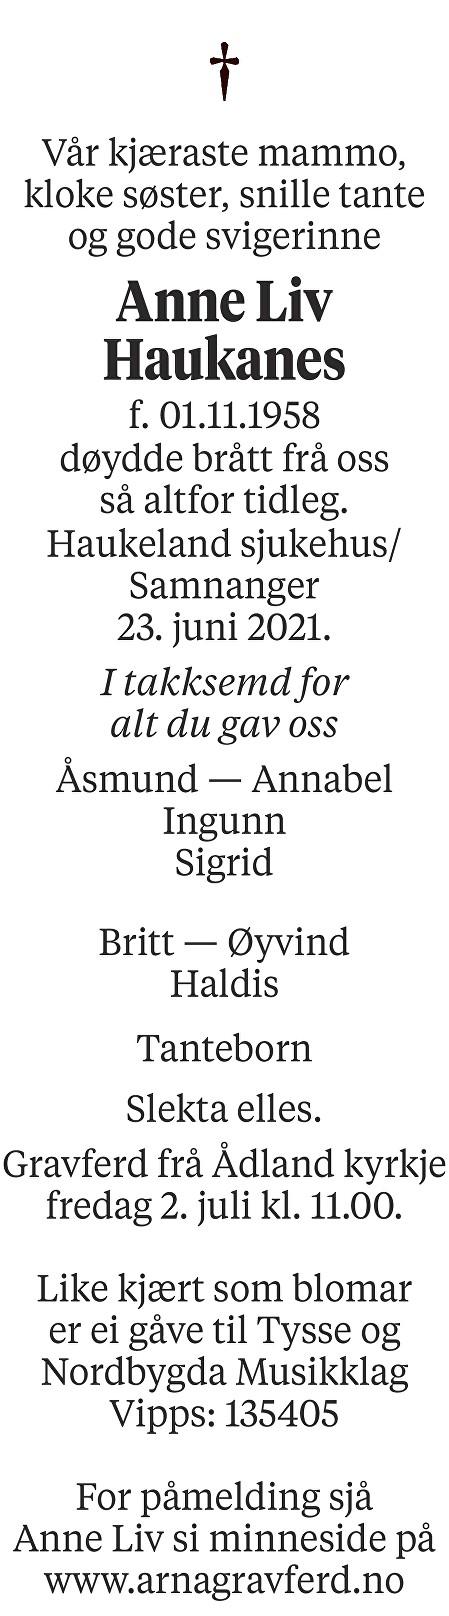 Anne Liv Haukanes Dødsannonse